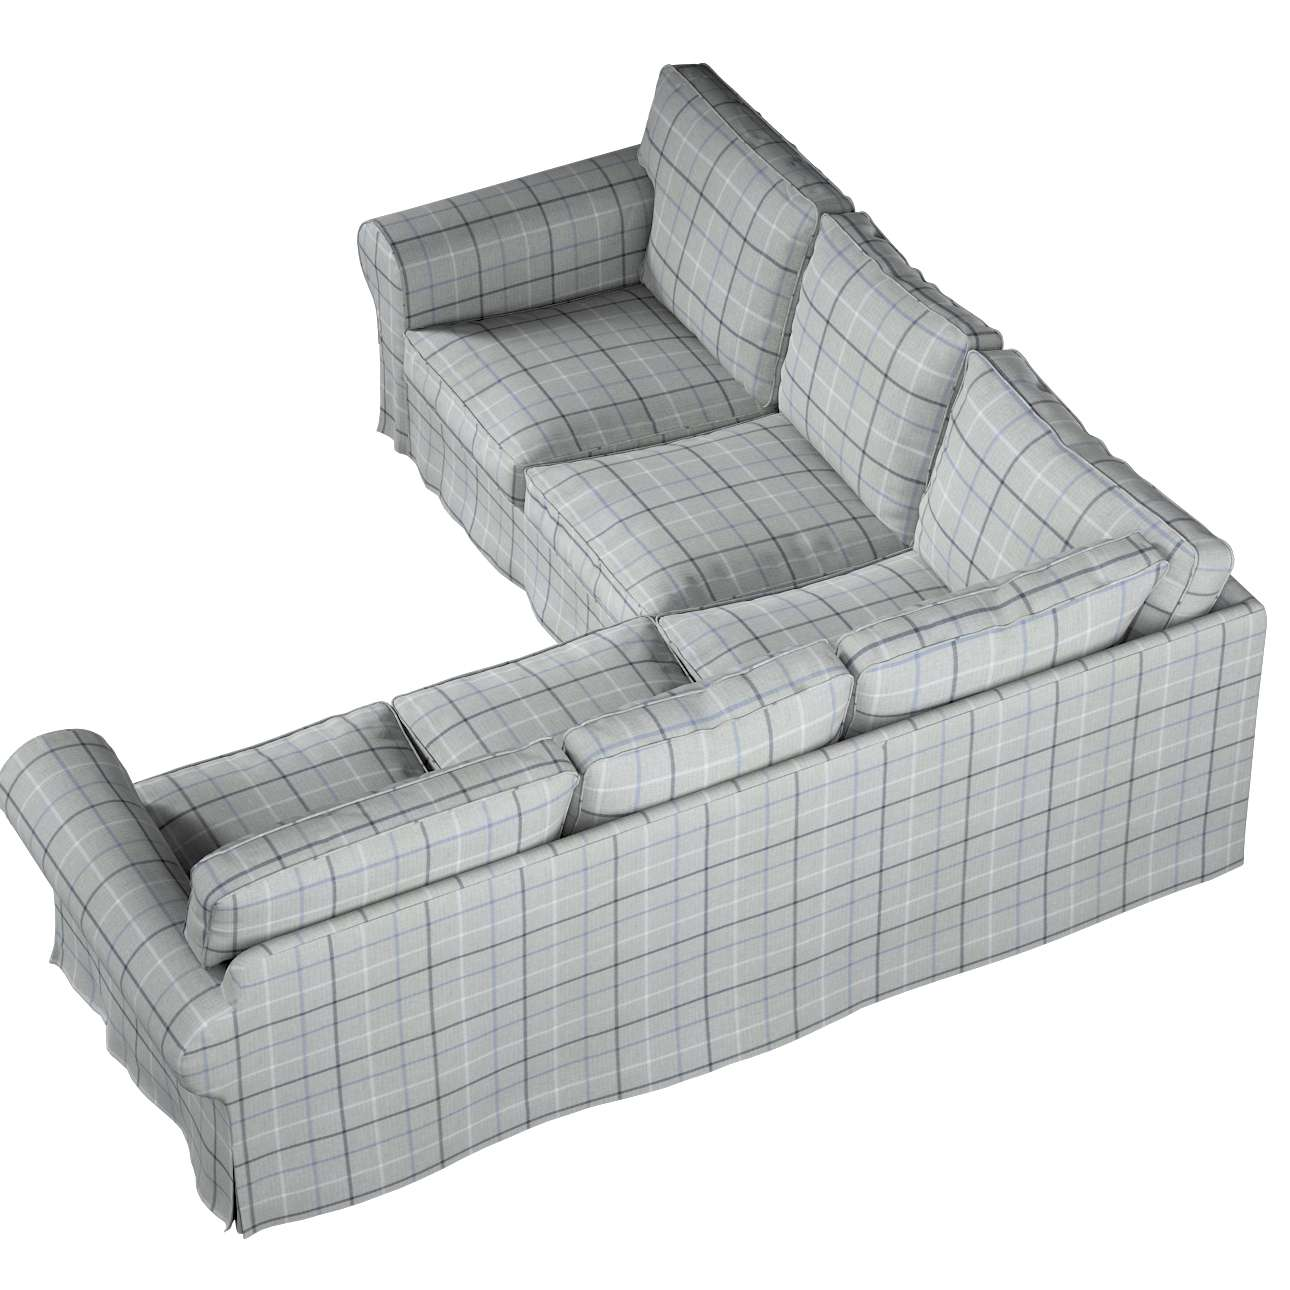 Pokrowiec Ektorp na sofę narożną w kolekcji Edinburgh, tkanina: 703-18